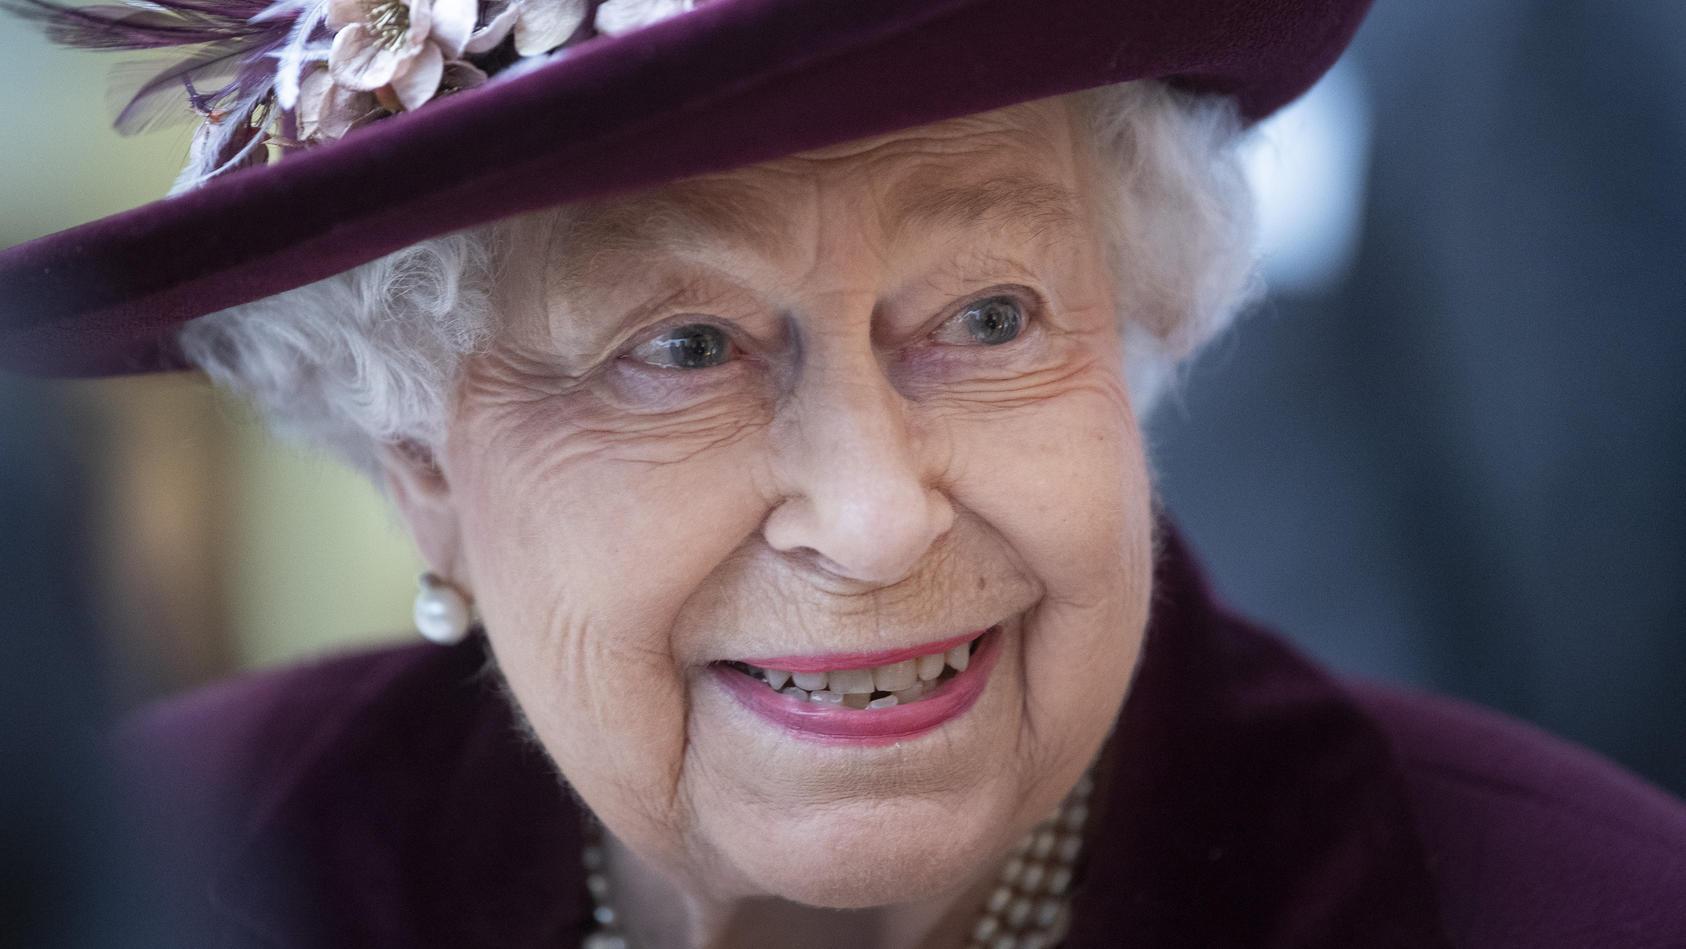 Queen Elizabeth lässt es sich nicht nehmen, ihrem Enkel herzlich zum Hochzeitstag zu gratulieren.